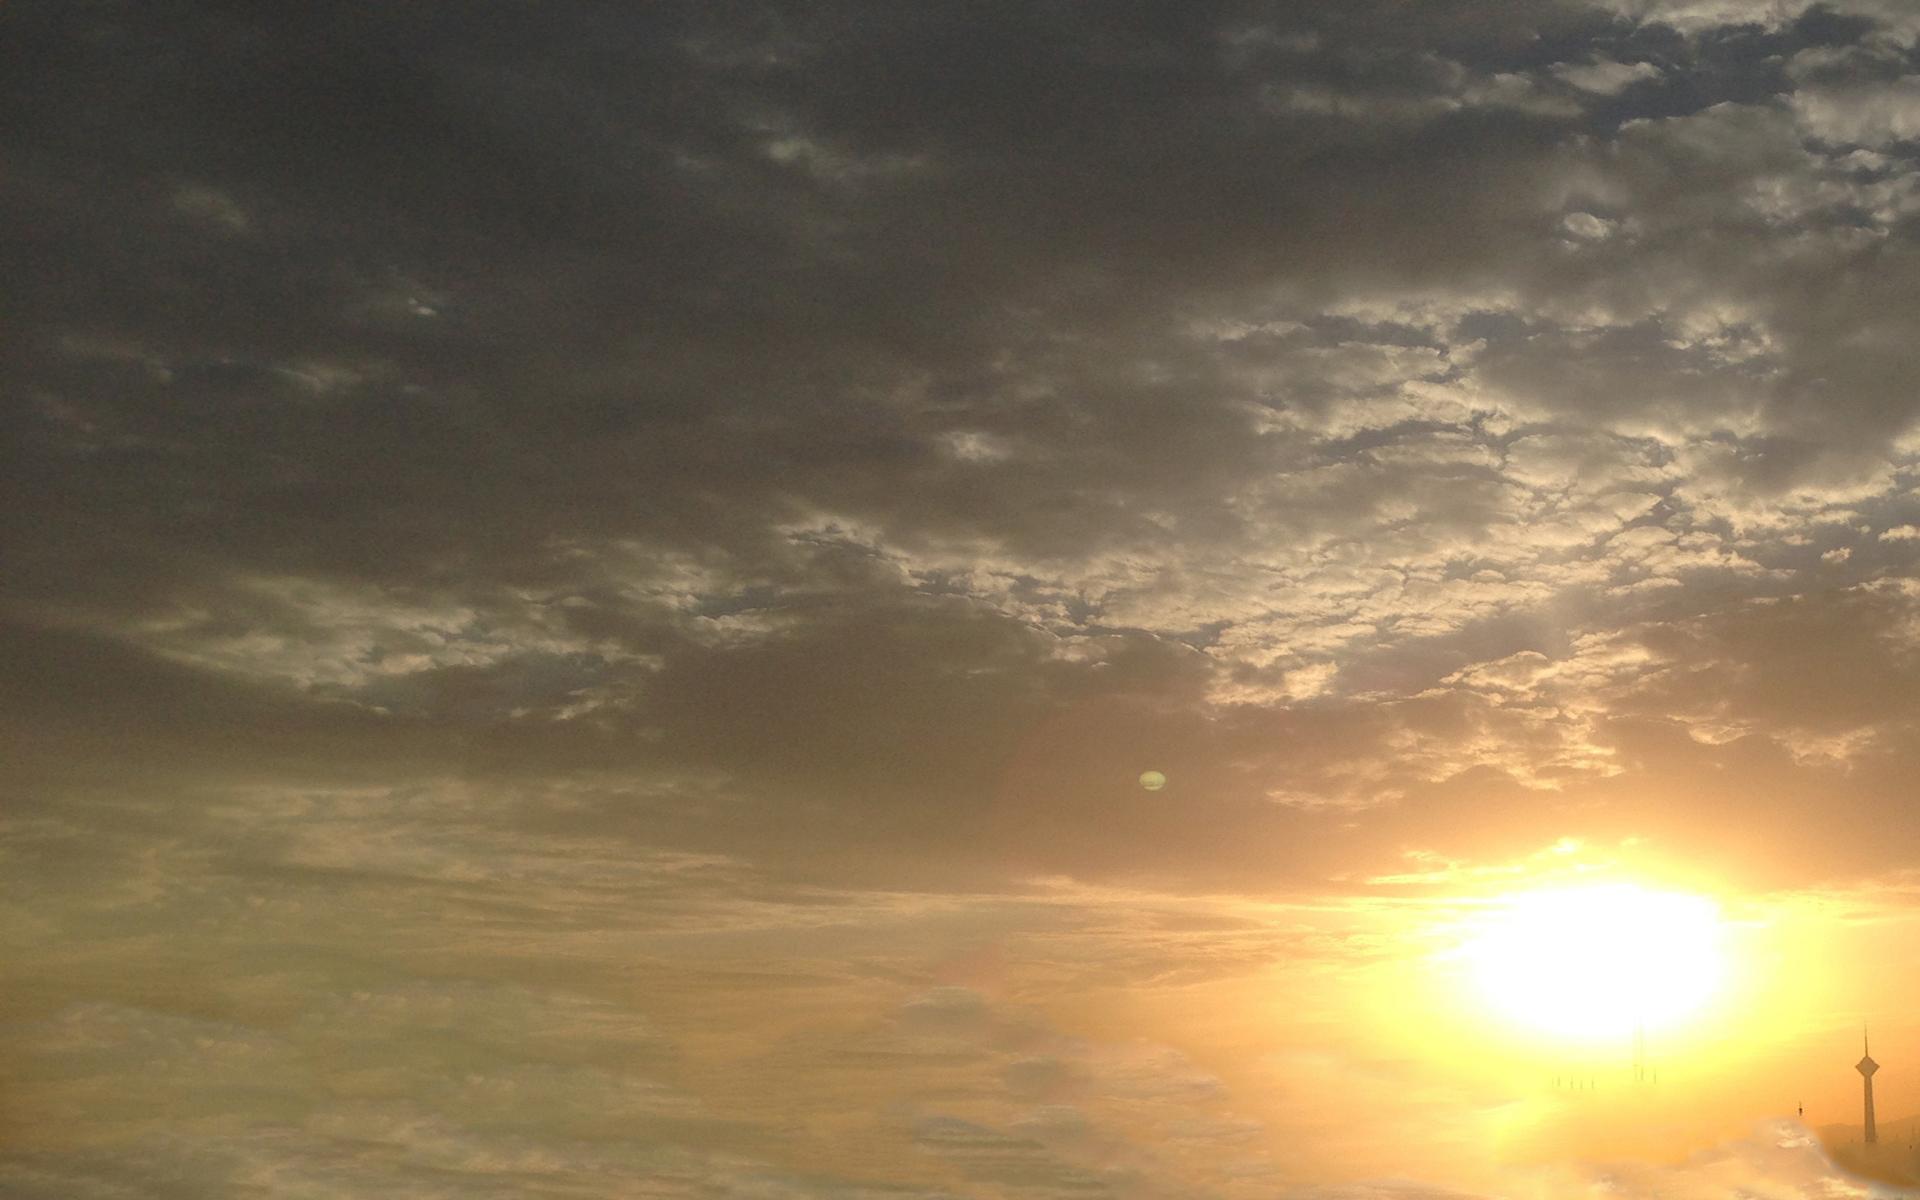 صور غروب الشمس HD (5)